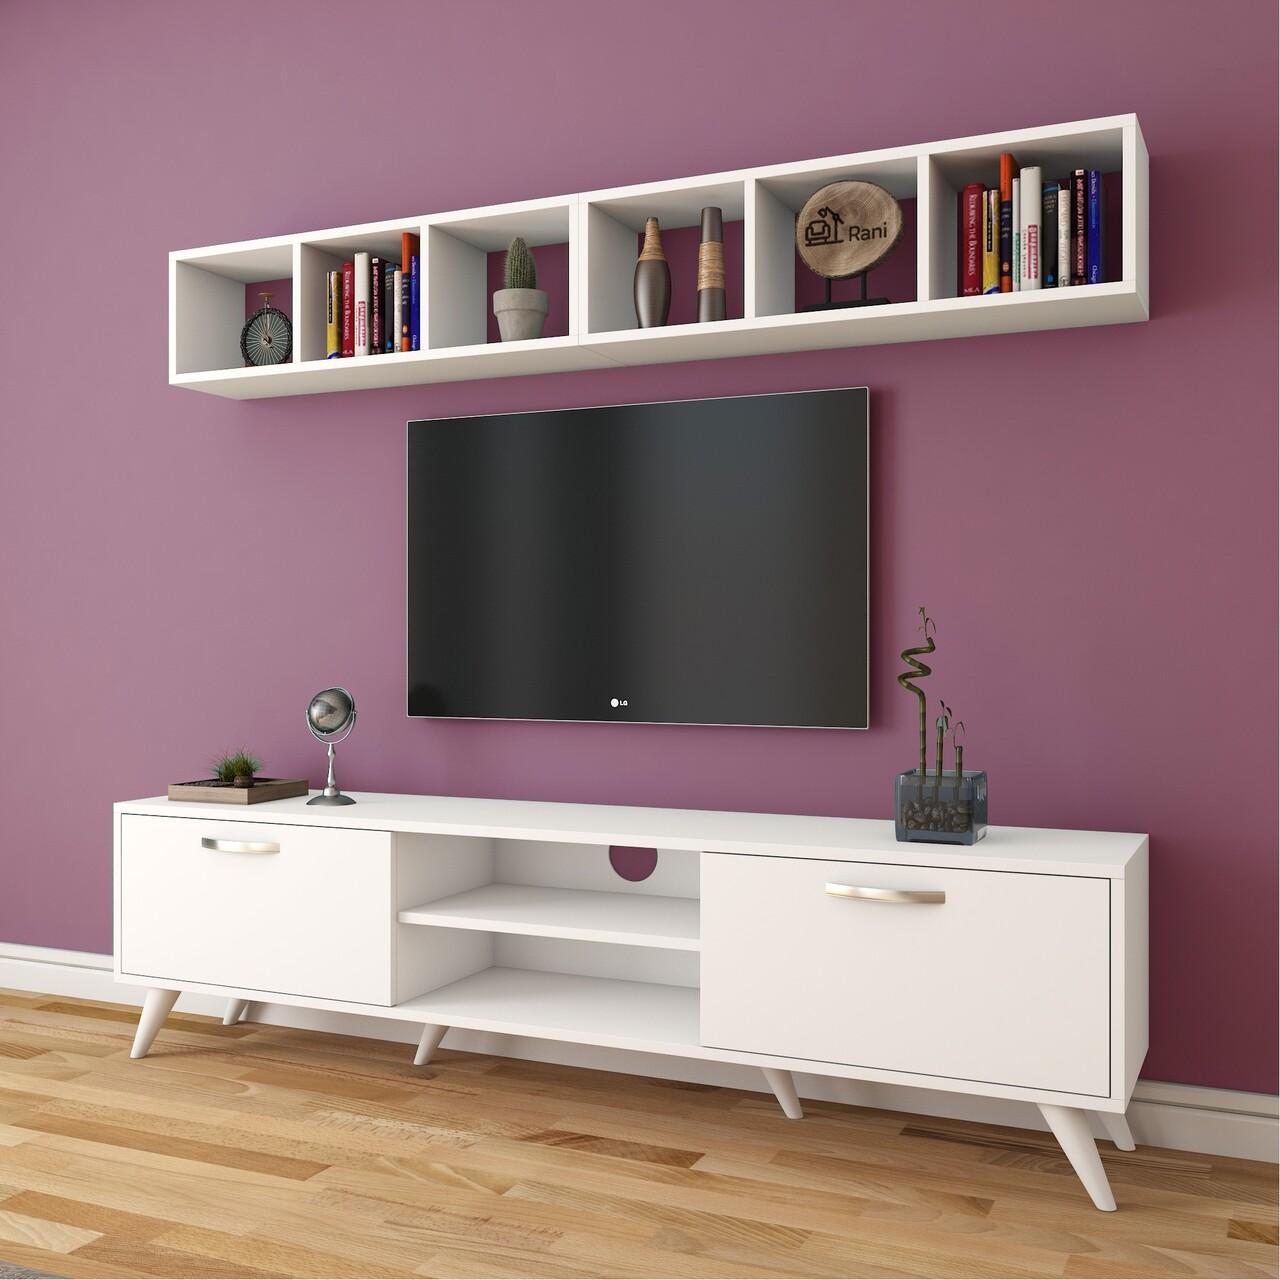 Comoda TV cu 2 rafturi M7 - 243, Wren, 180 x 35 x 48.6 cm/90 cm, white